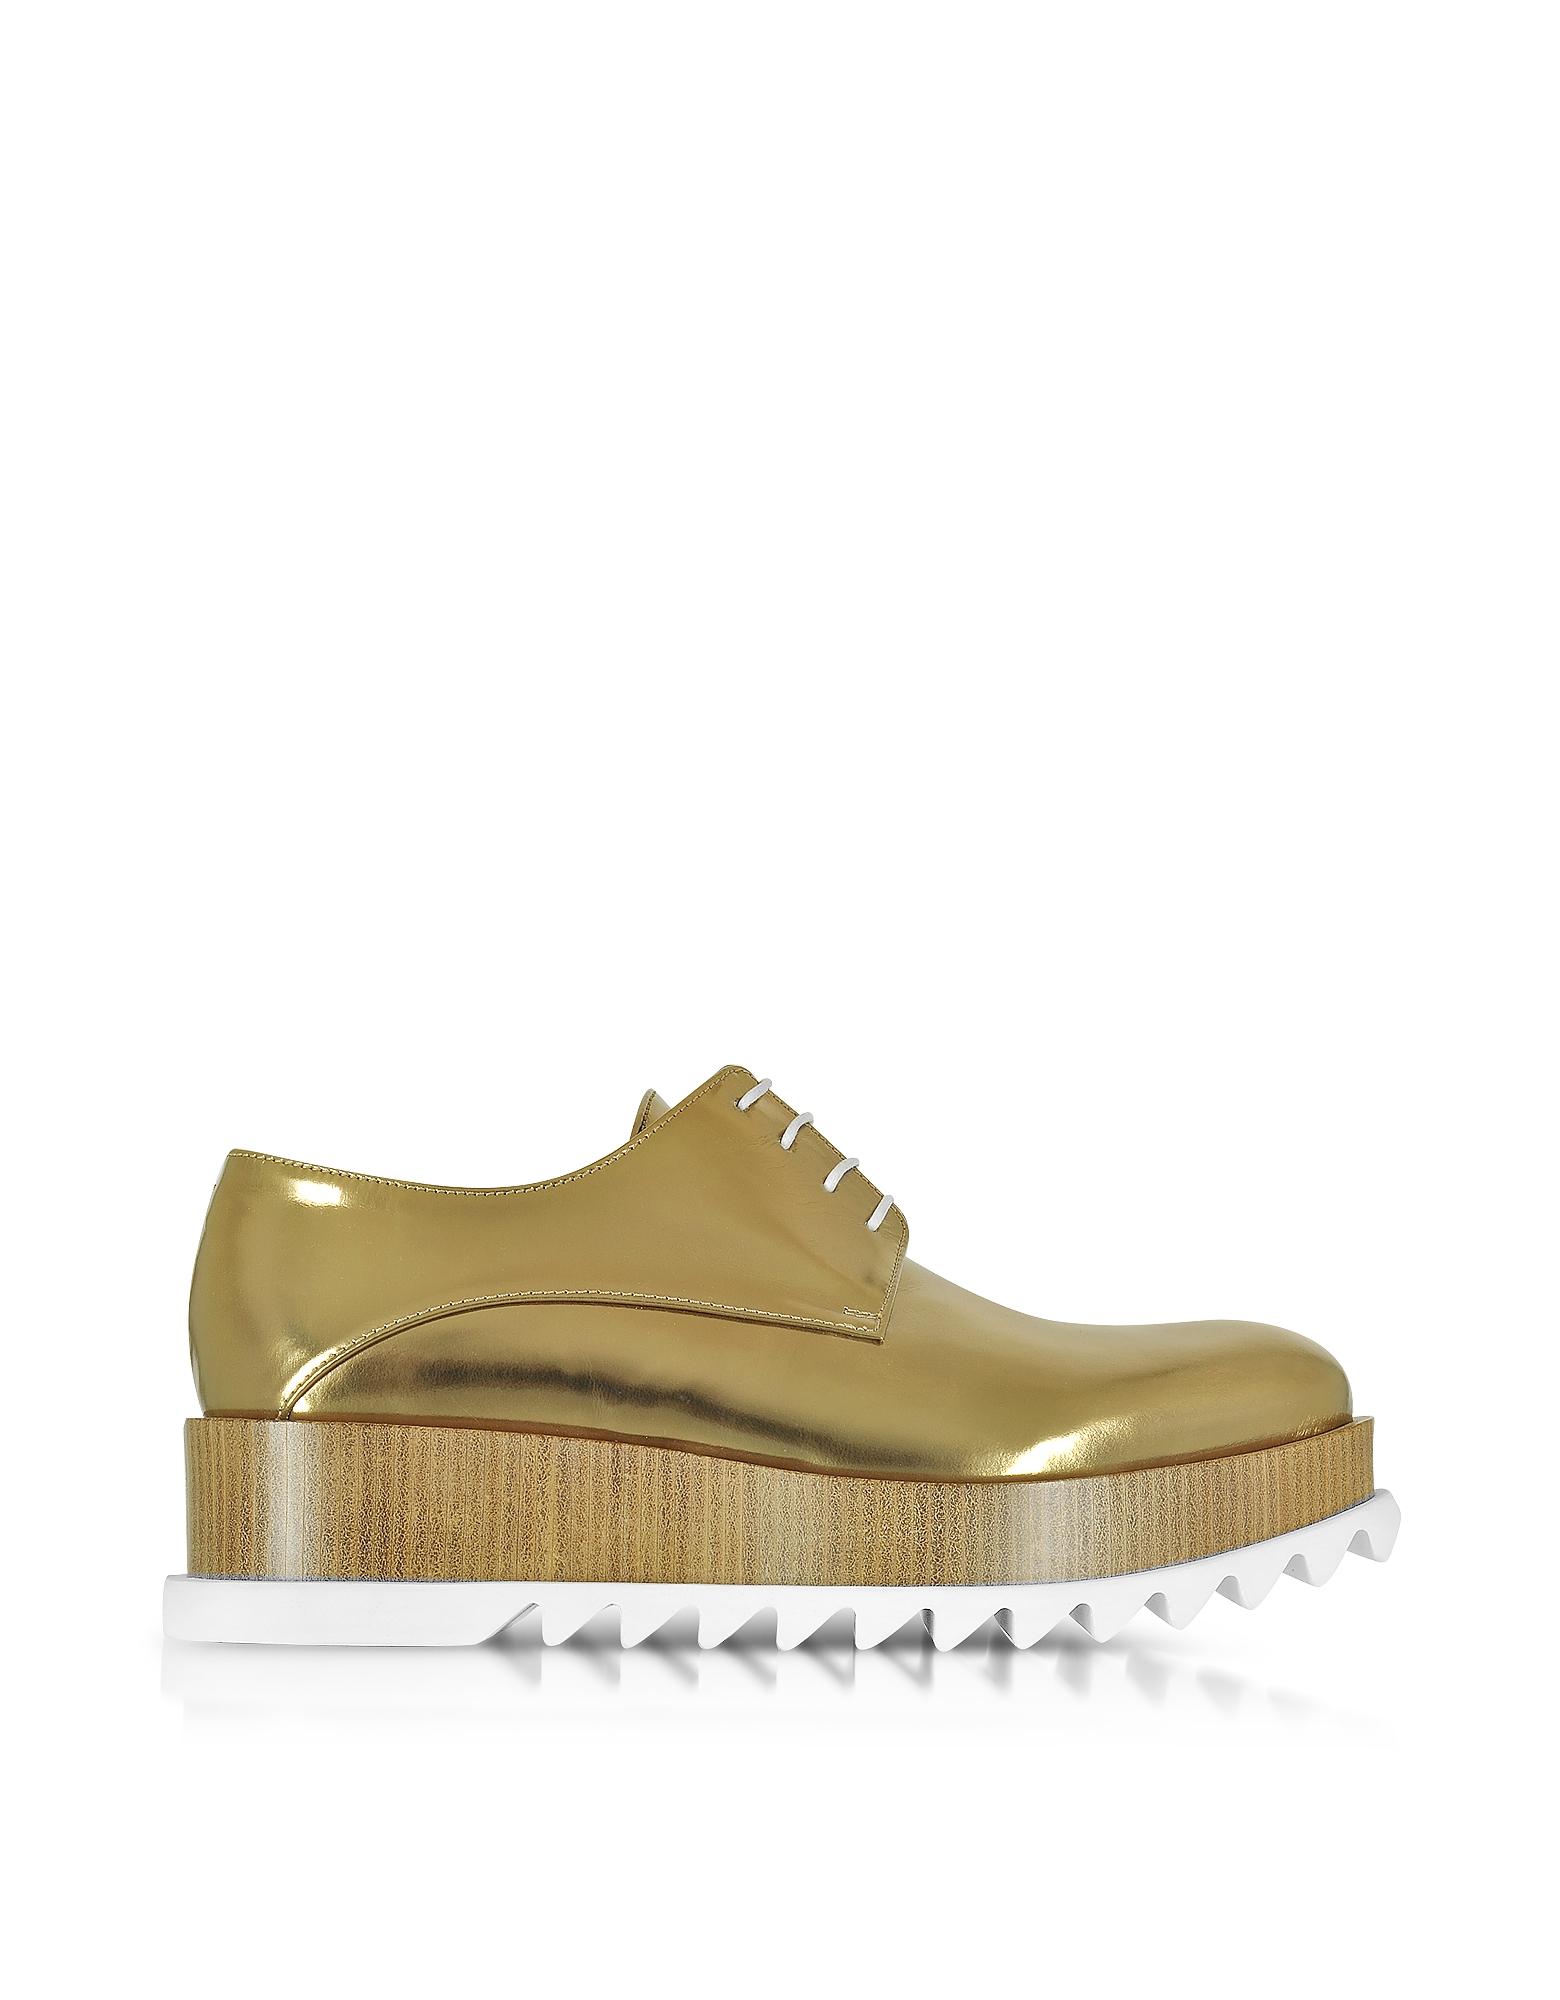 Jil Sander Shoes, Bronze Leather Platform Oxford Shoe